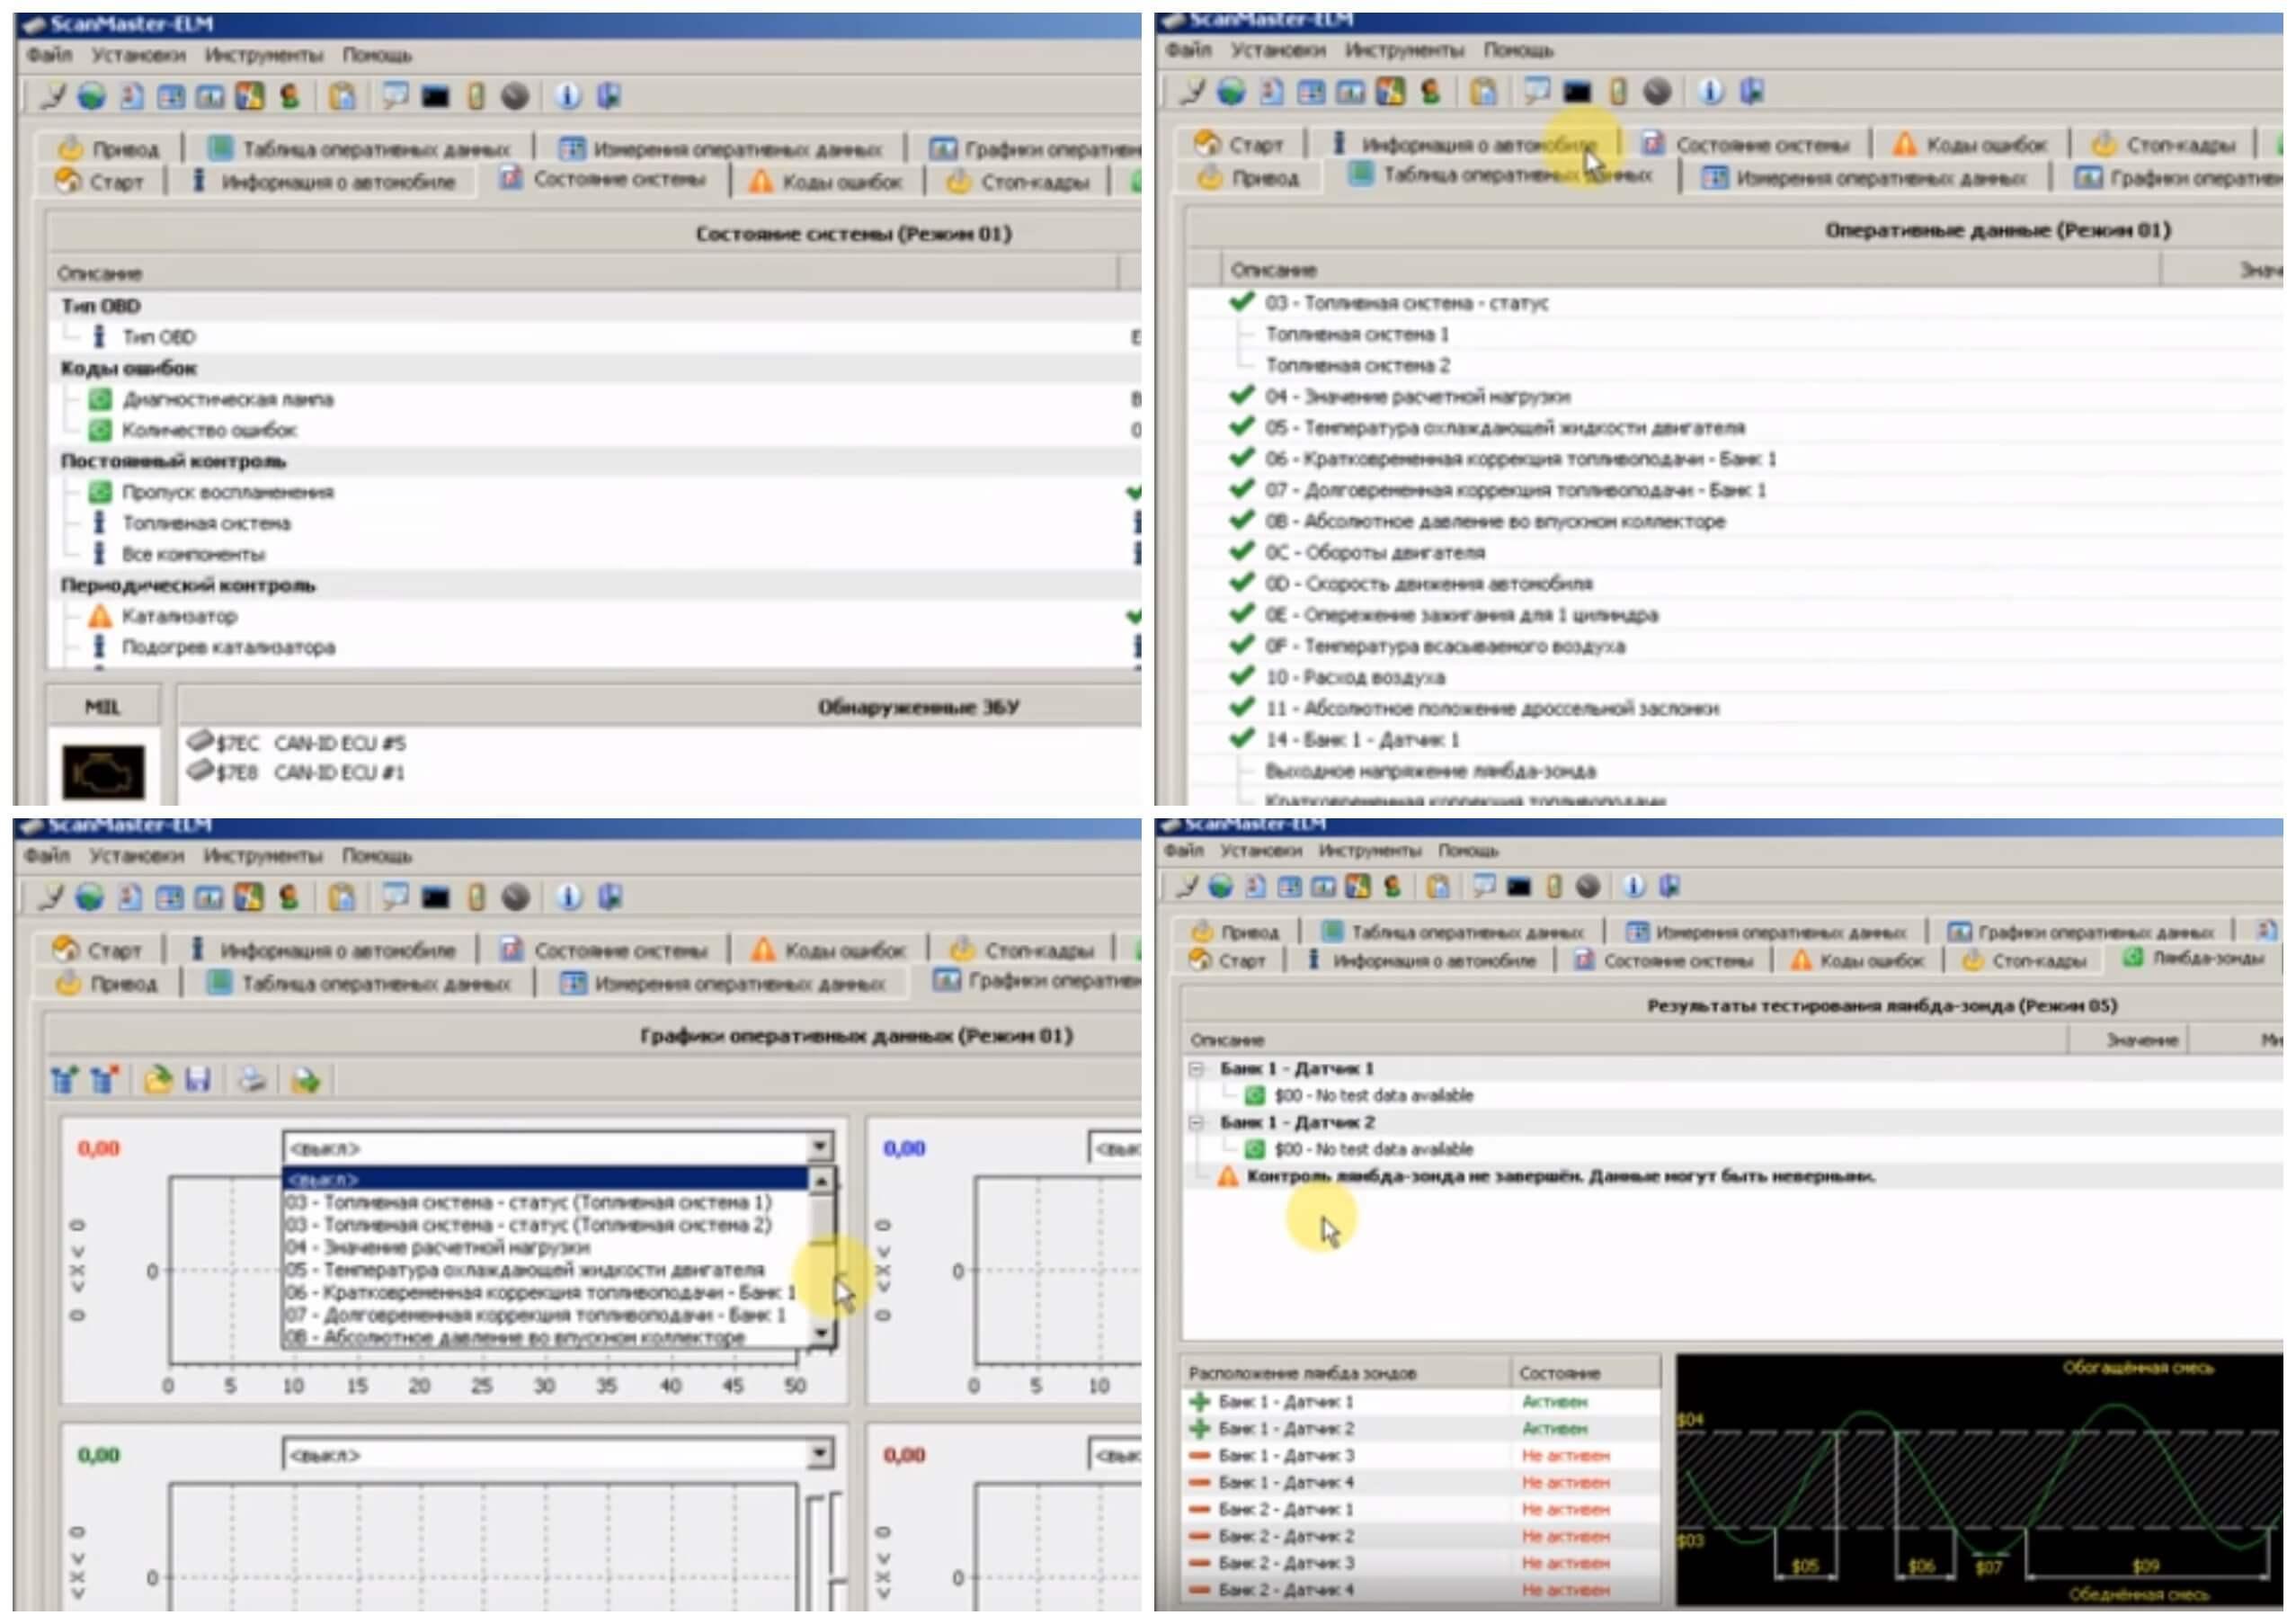 На фото изображена программа для компьютера Scanmaster elm 2.1.